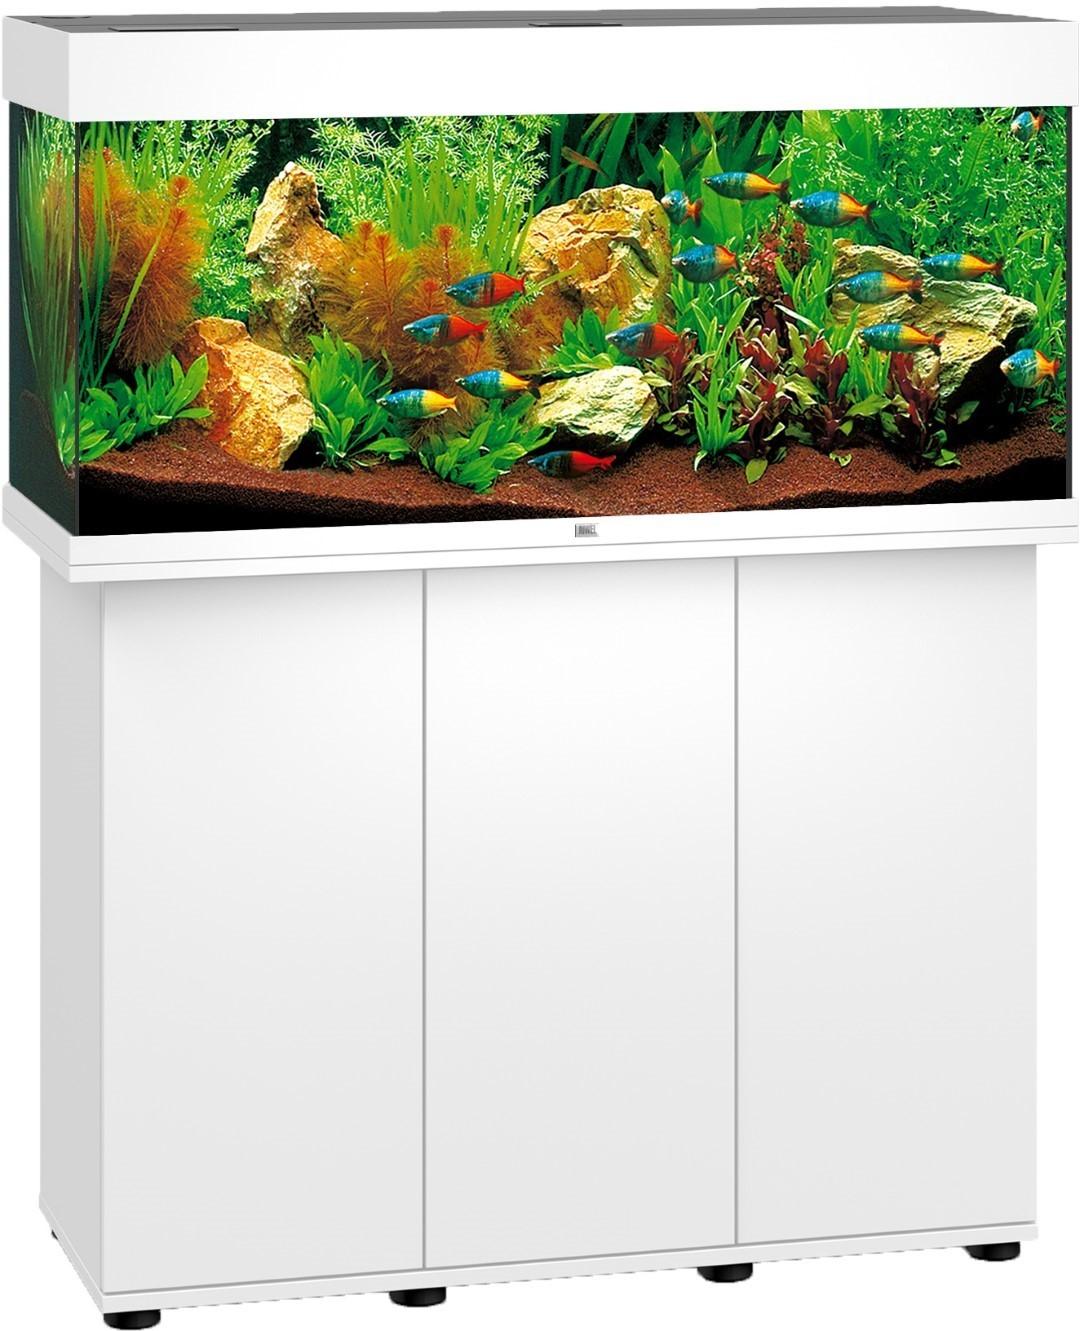 Juwel aquarium Rio 180 LED met filter wit